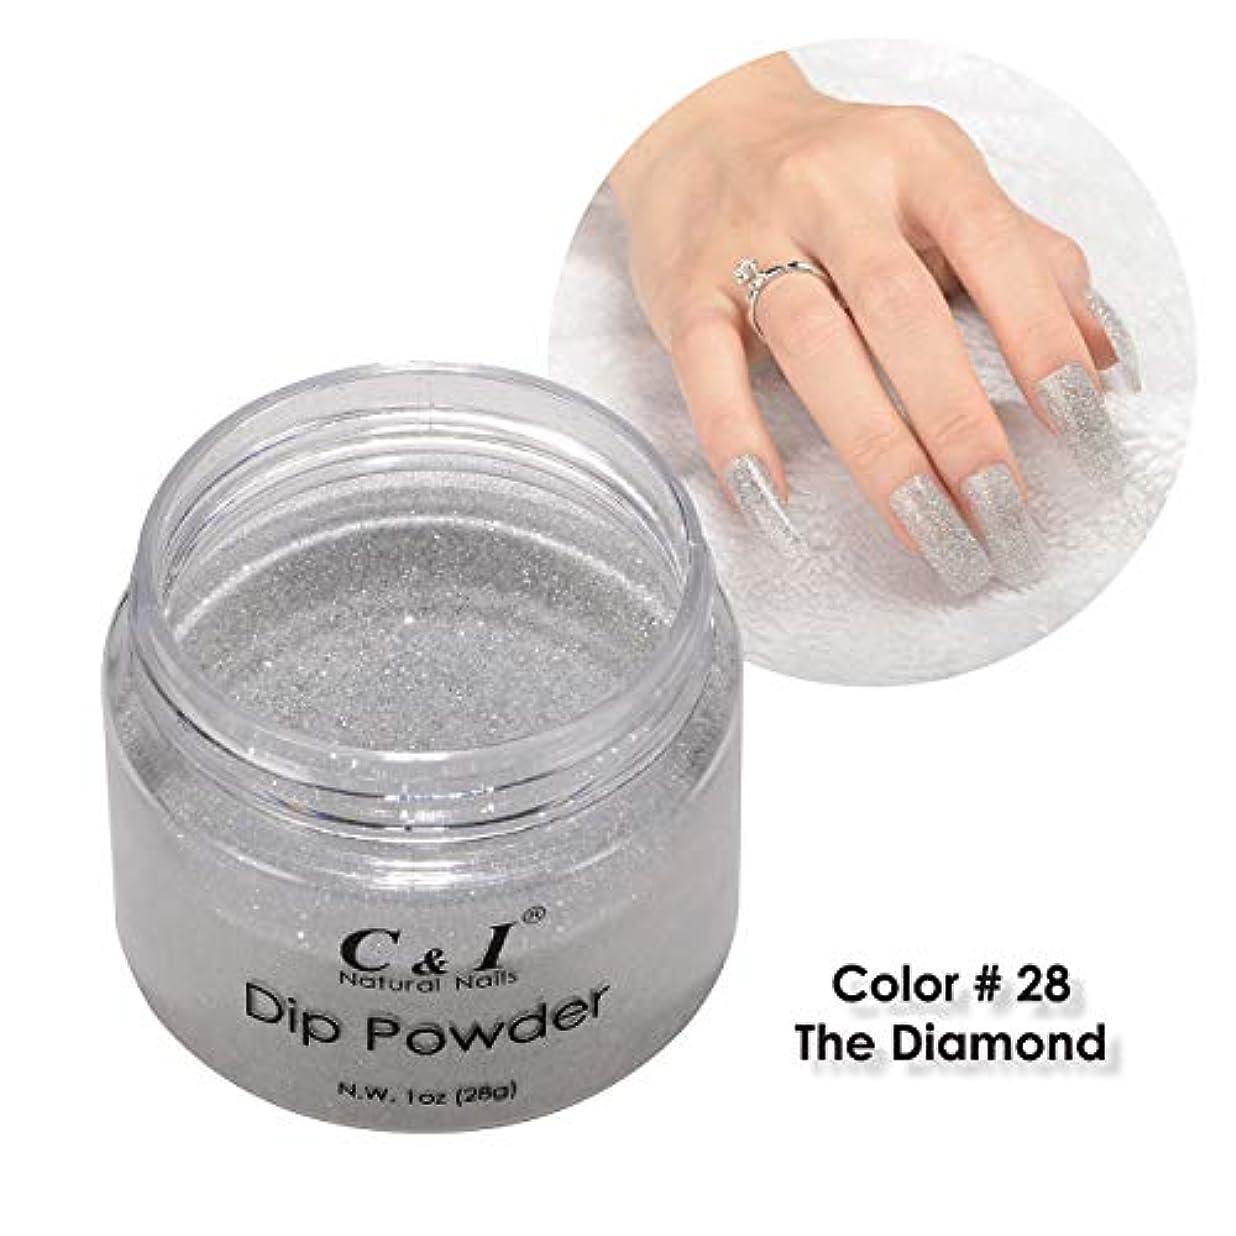 臨検聴覚障害者栄養C&I Dip Powder ネイルディップパウダー、ネイルカラーパウダー、カラーNo.28